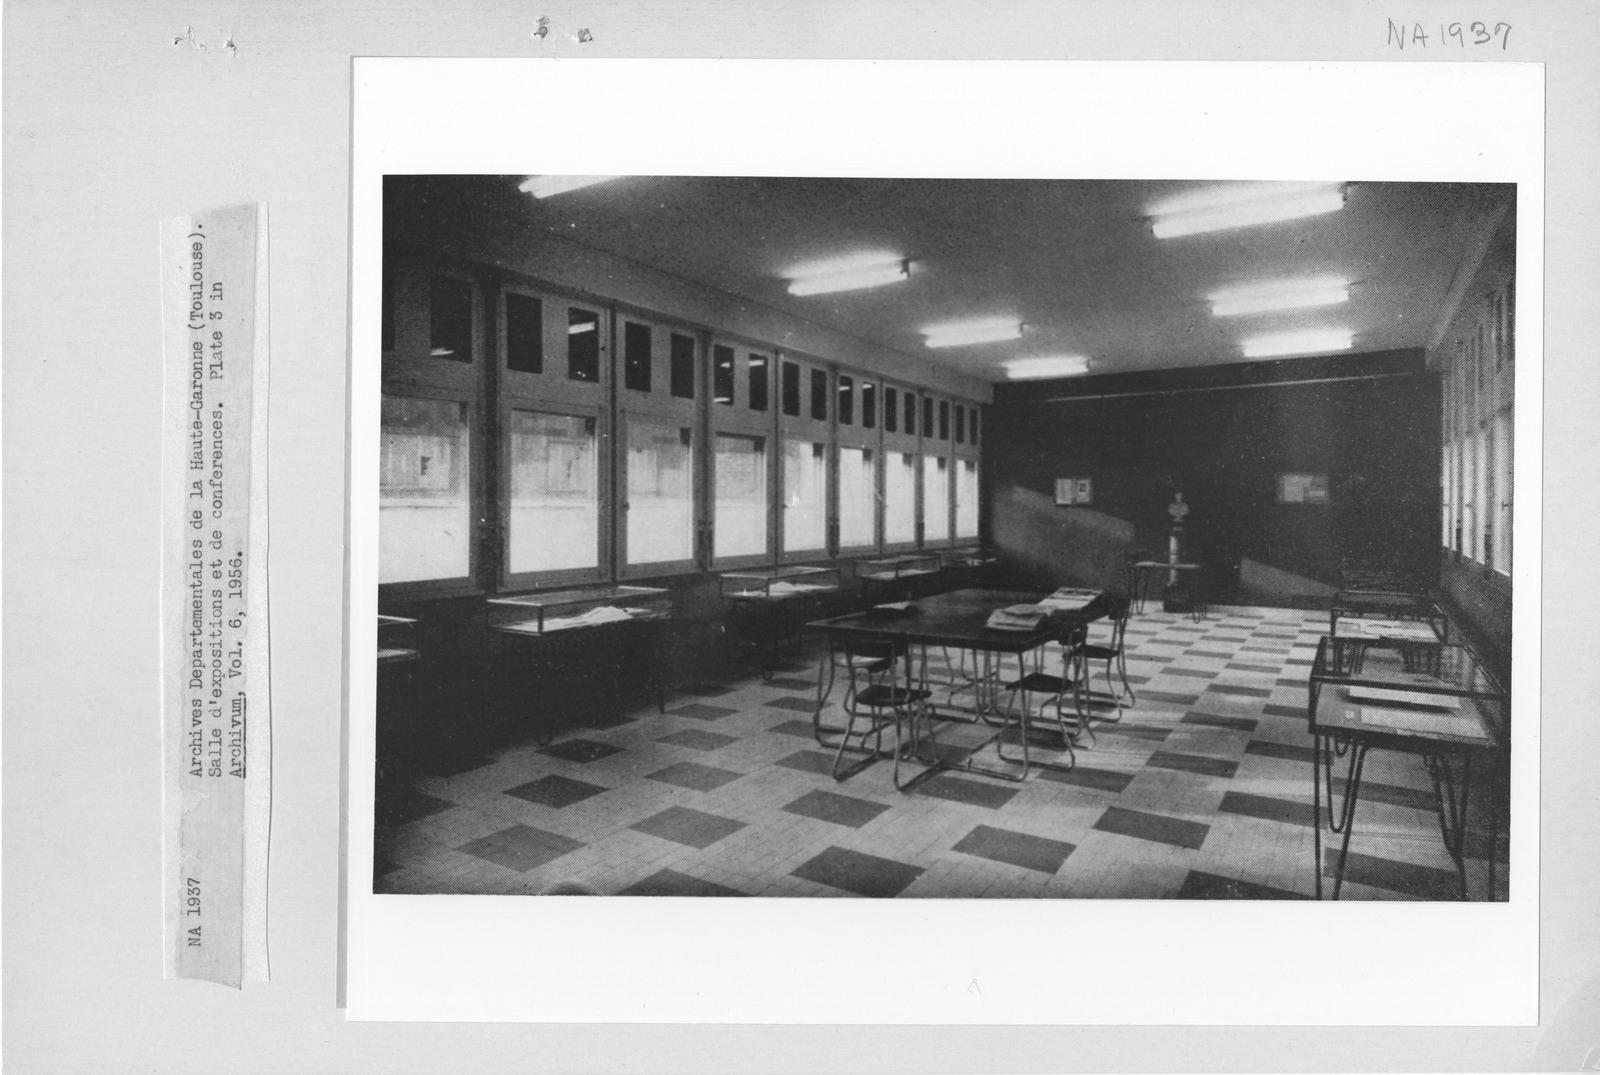 Photograph of Archives Deparetementales de la Haute Garonne (Toulouse), Salle d'Exposition et de Conferences